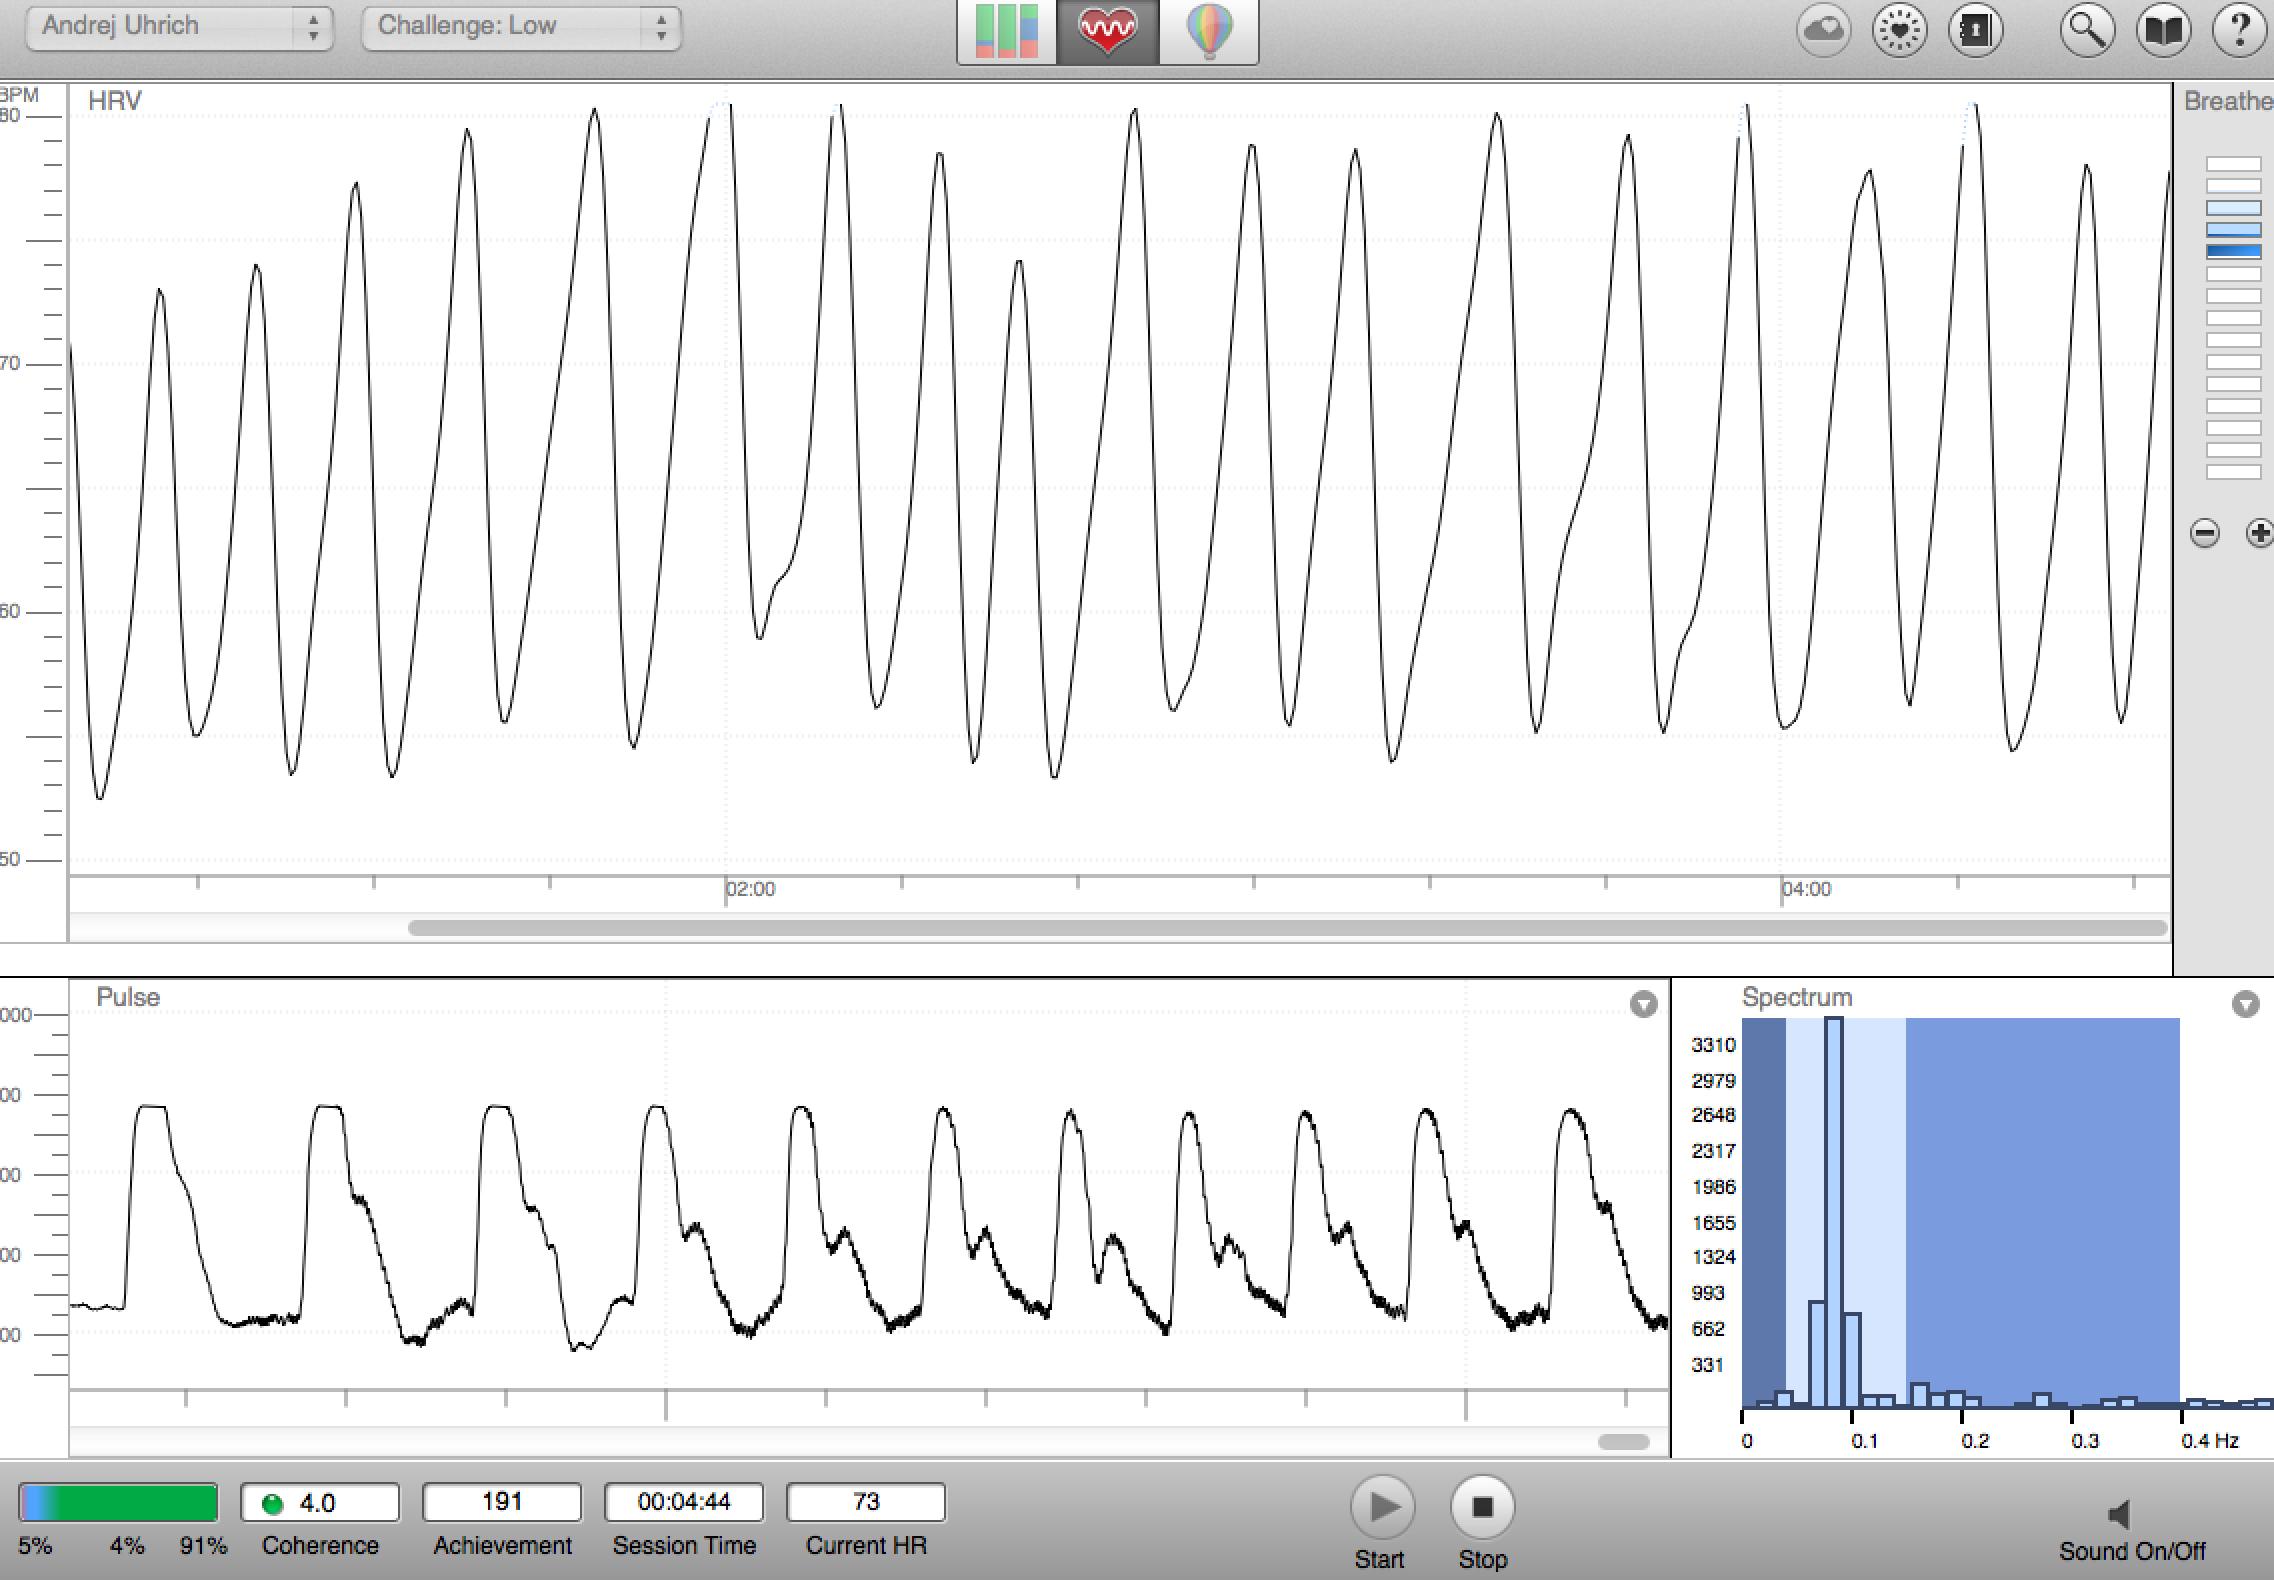 Oben wird die sogenannte Herz-Kohärenz angezeigt. Unten ist mein Pulse. Rechts unten wird das elektromagnetische Spektrum berechnen. Dies ist meine kohärente Herzmelodie.